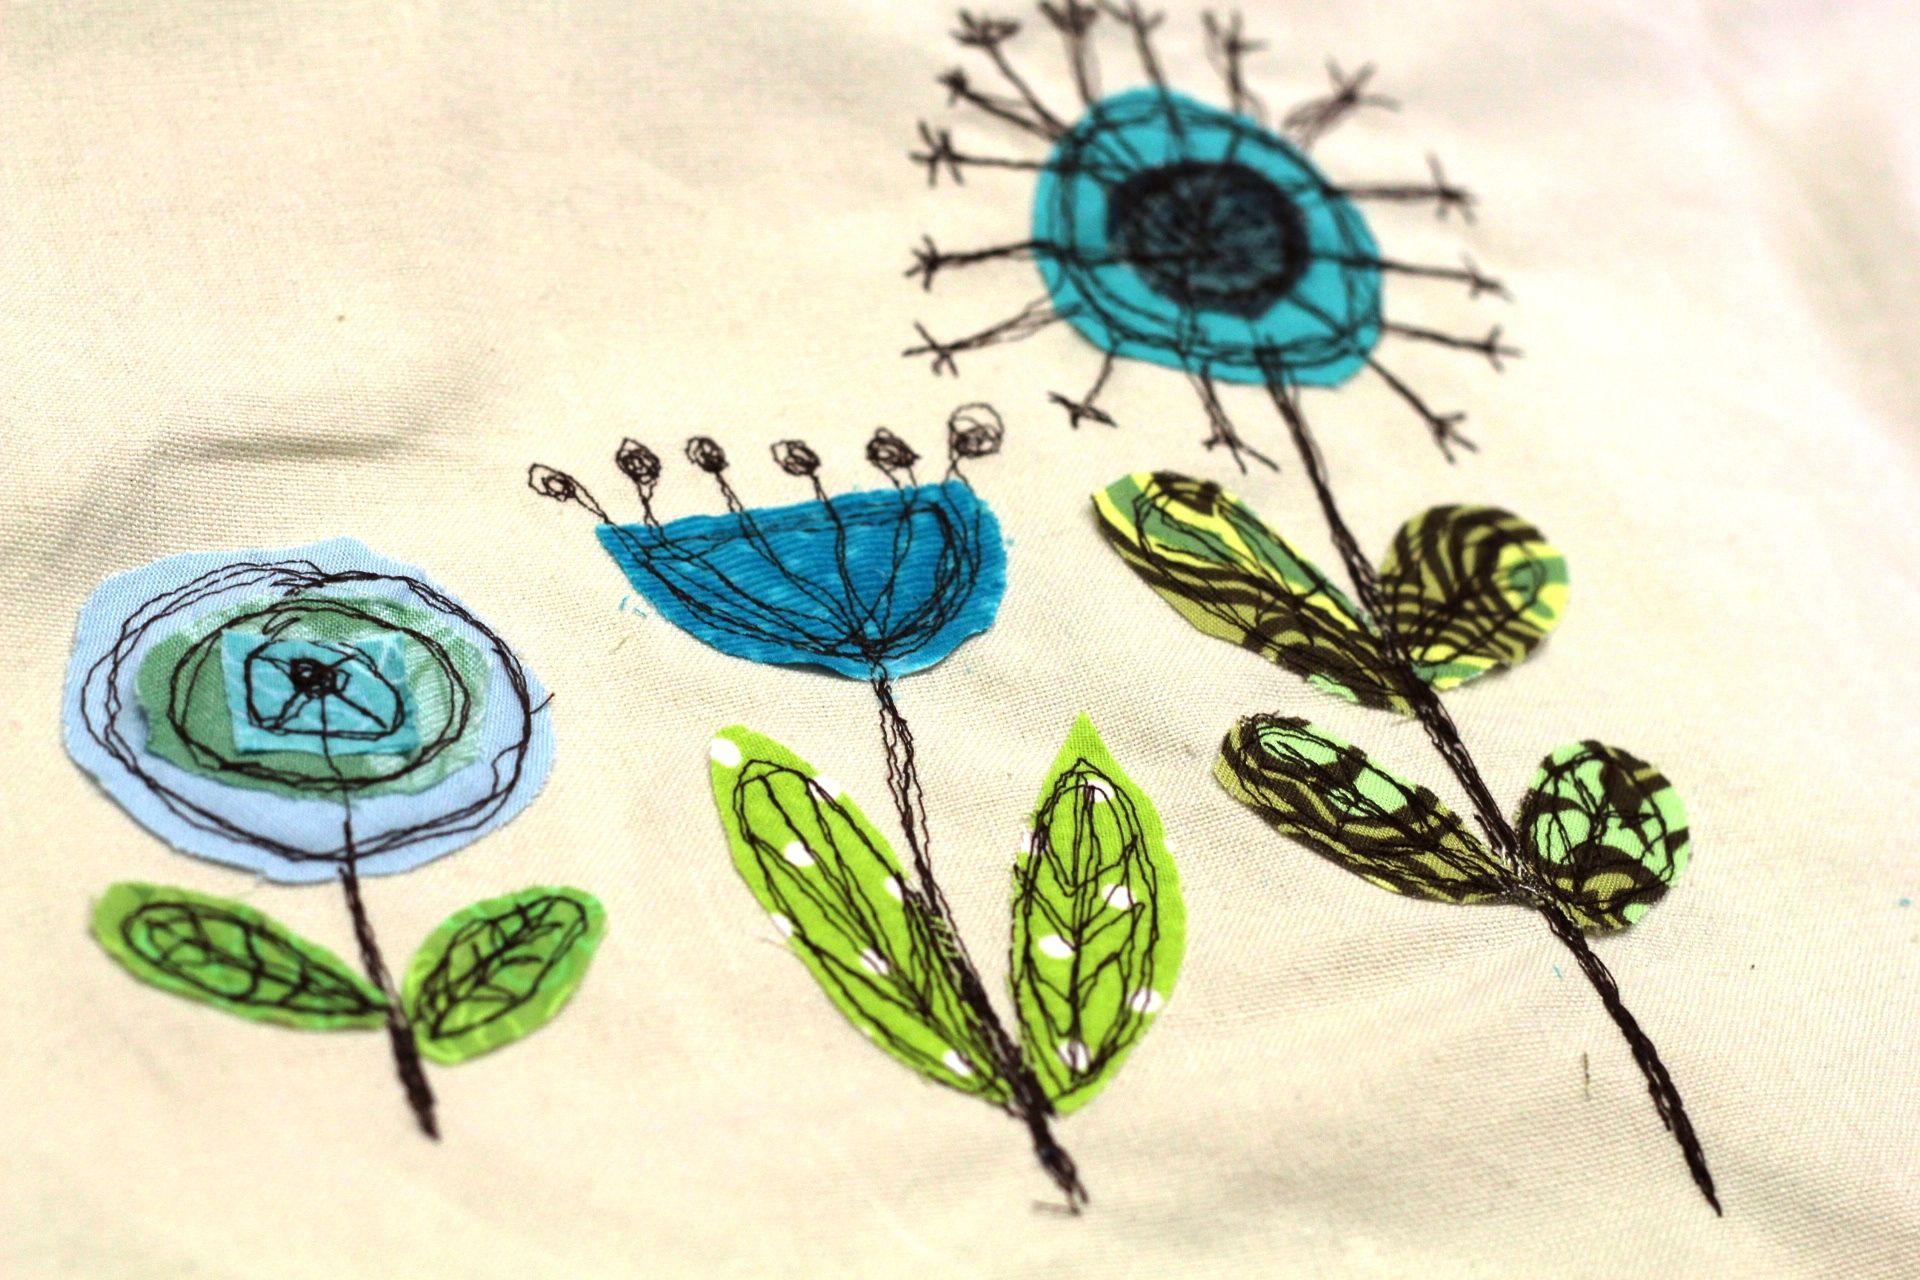 Les fleurs cousues à main levée sont toujours belles.   – Nähtipps